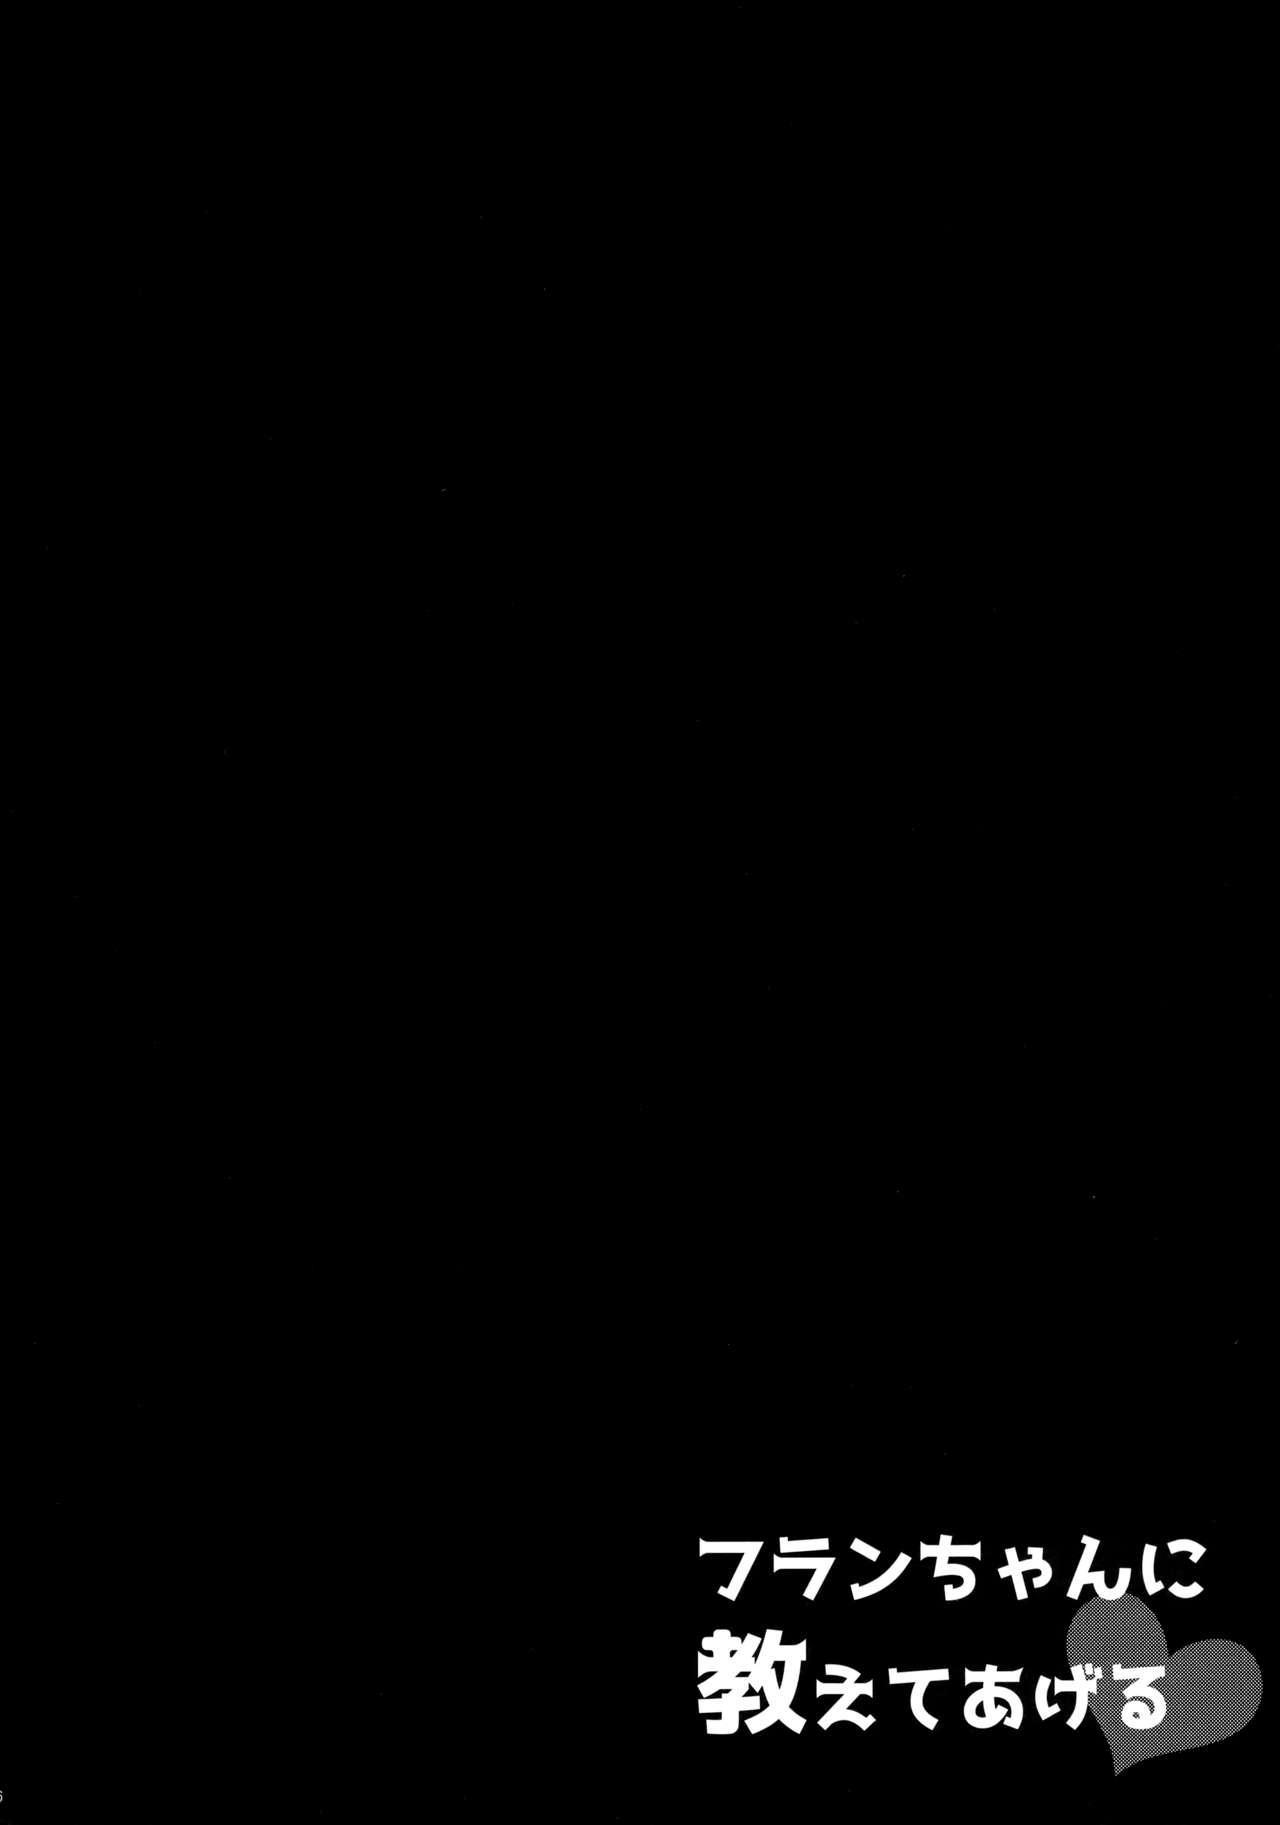 Flan-chan ni Oshiete Ageru 2